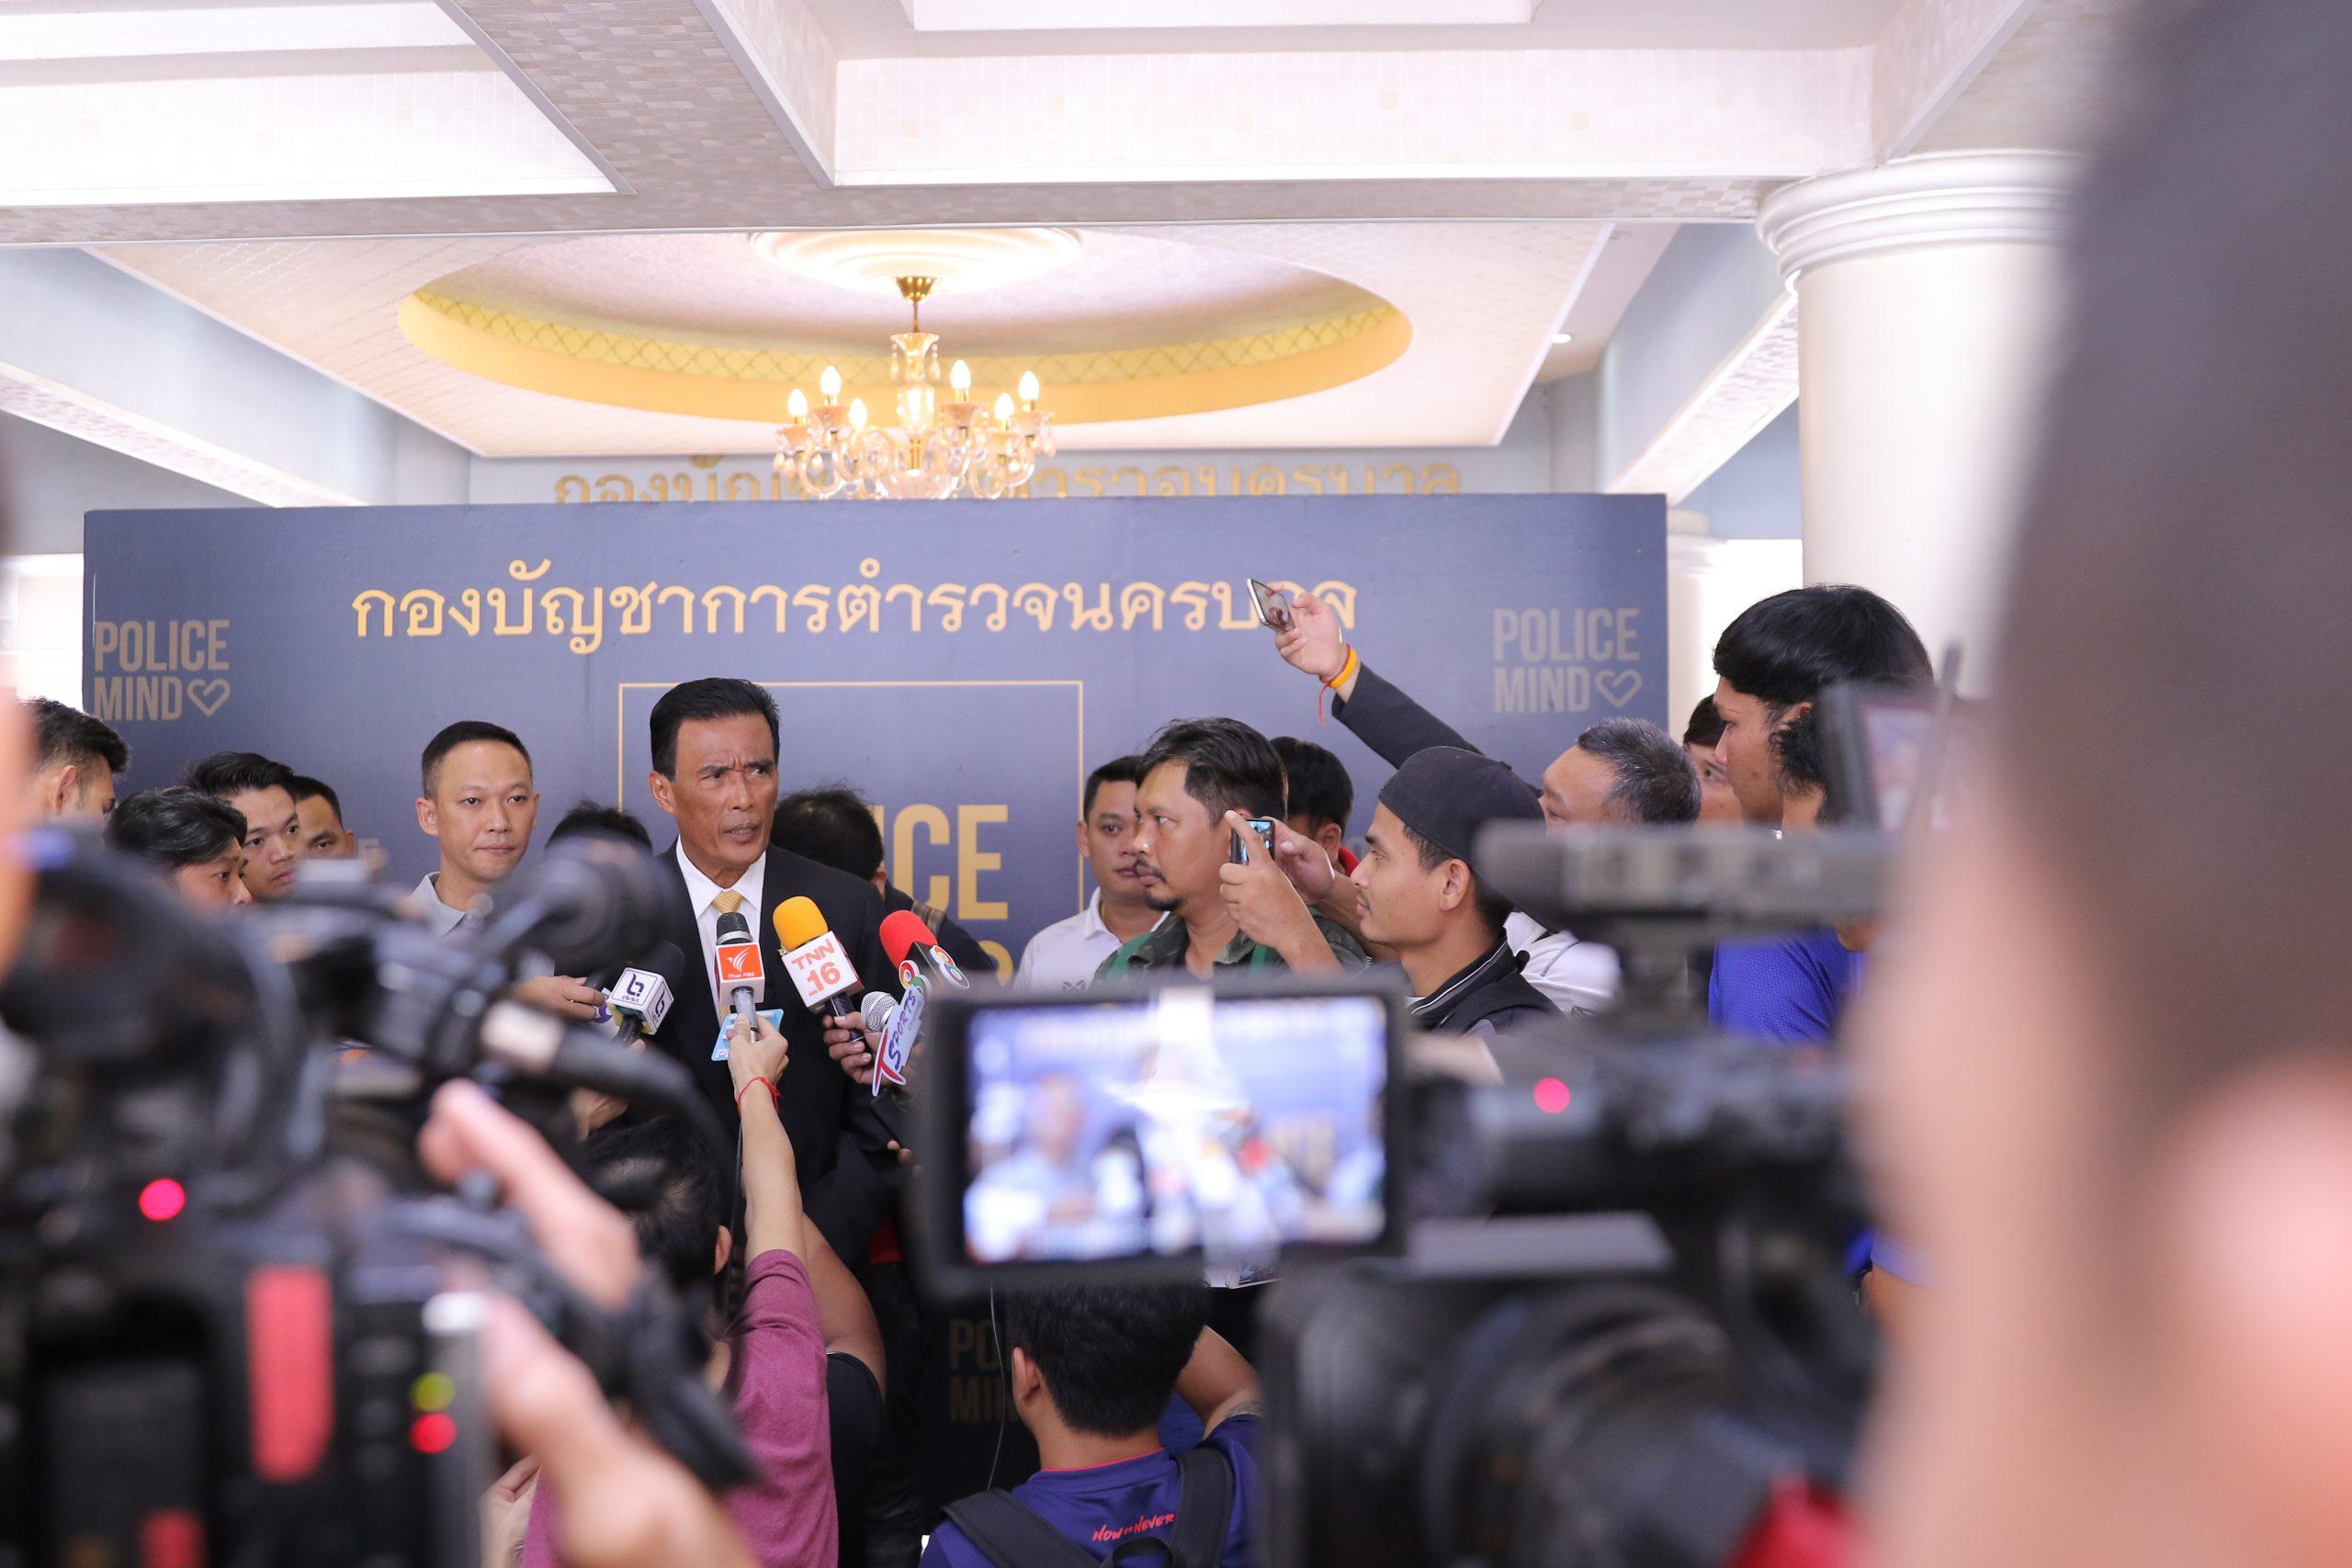 พล.ต.ท.อำนวย นิ่มมะโน ล้มบอล สมาคมกีฬาฟุตบอลแห่งประเทศไทย